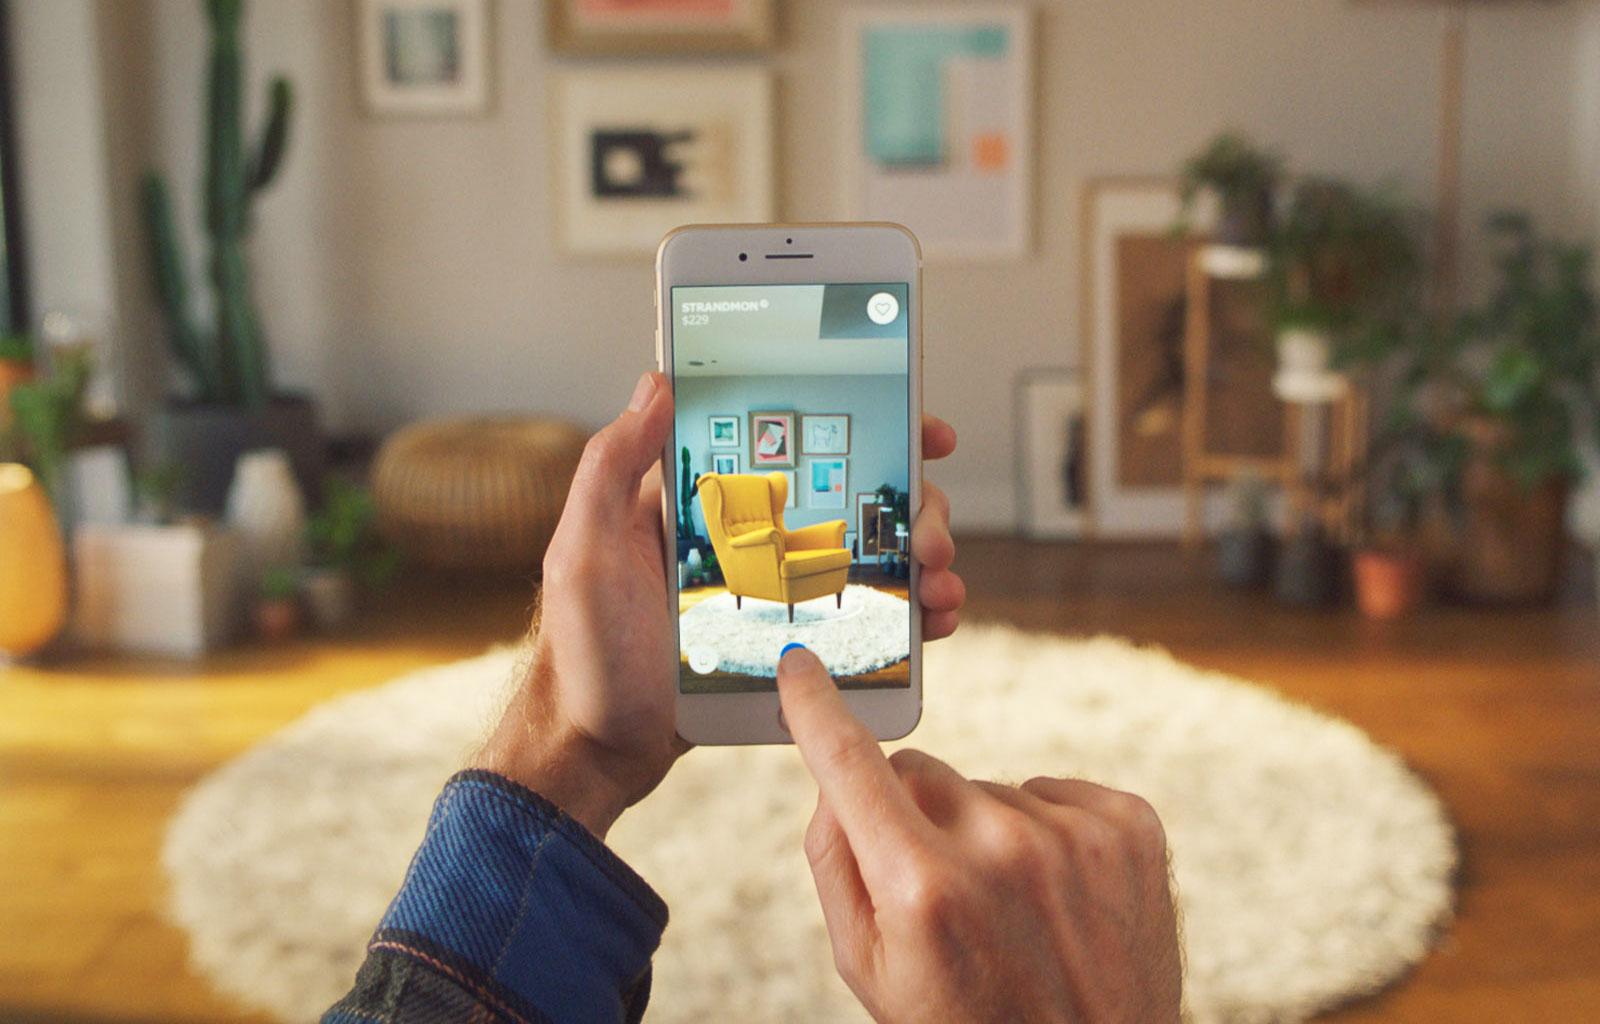 3_Ikea Place app by Ikea, UK.jpg